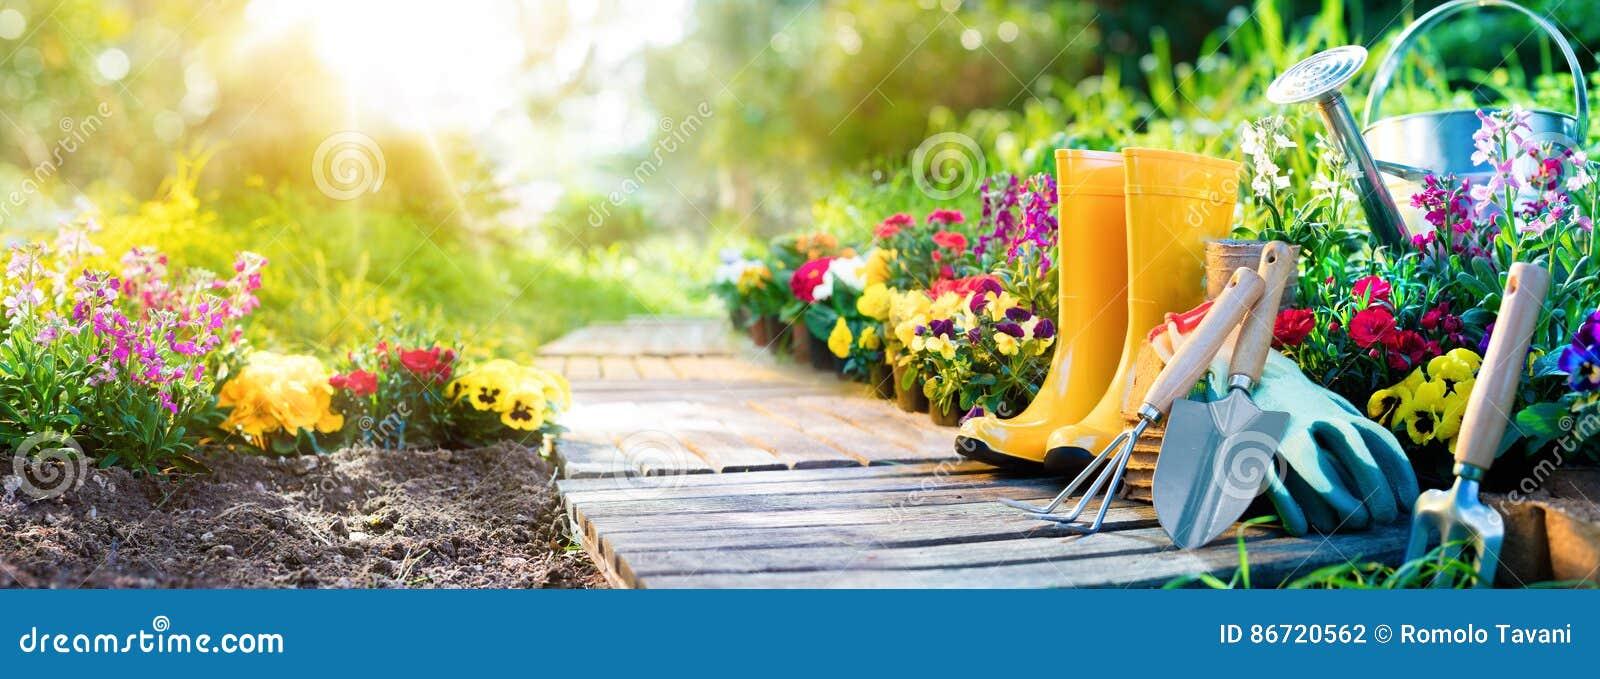 El cultivar un huerto - sistema de las herramientas para el jardinero And Flowerpots